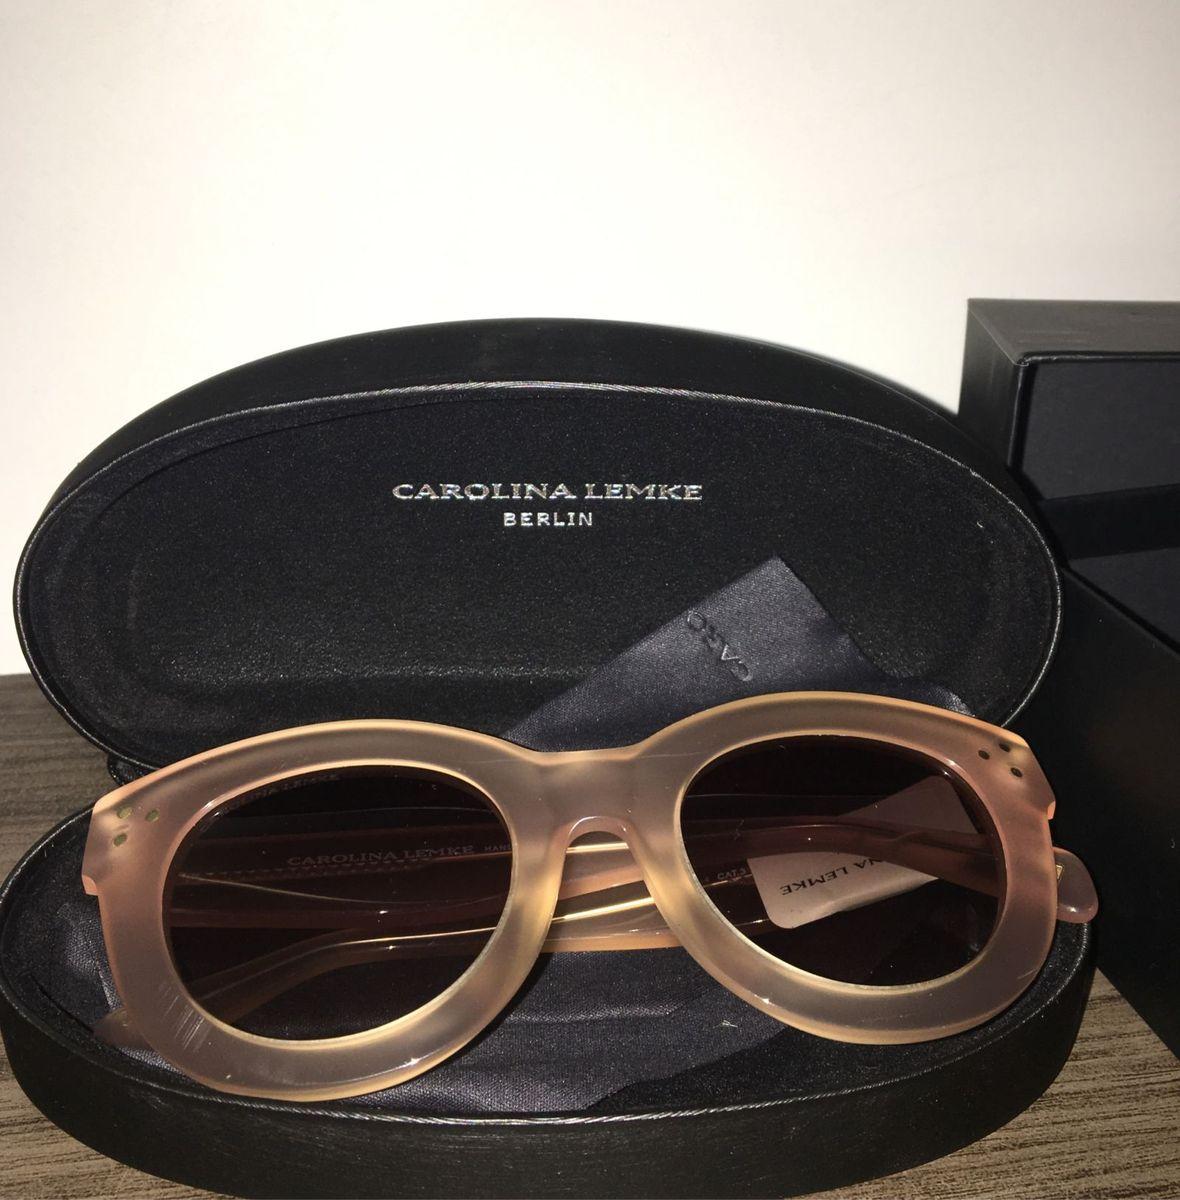 7d079d843c157 óculos de sol (carolina lemke) - óculos carolina lemke